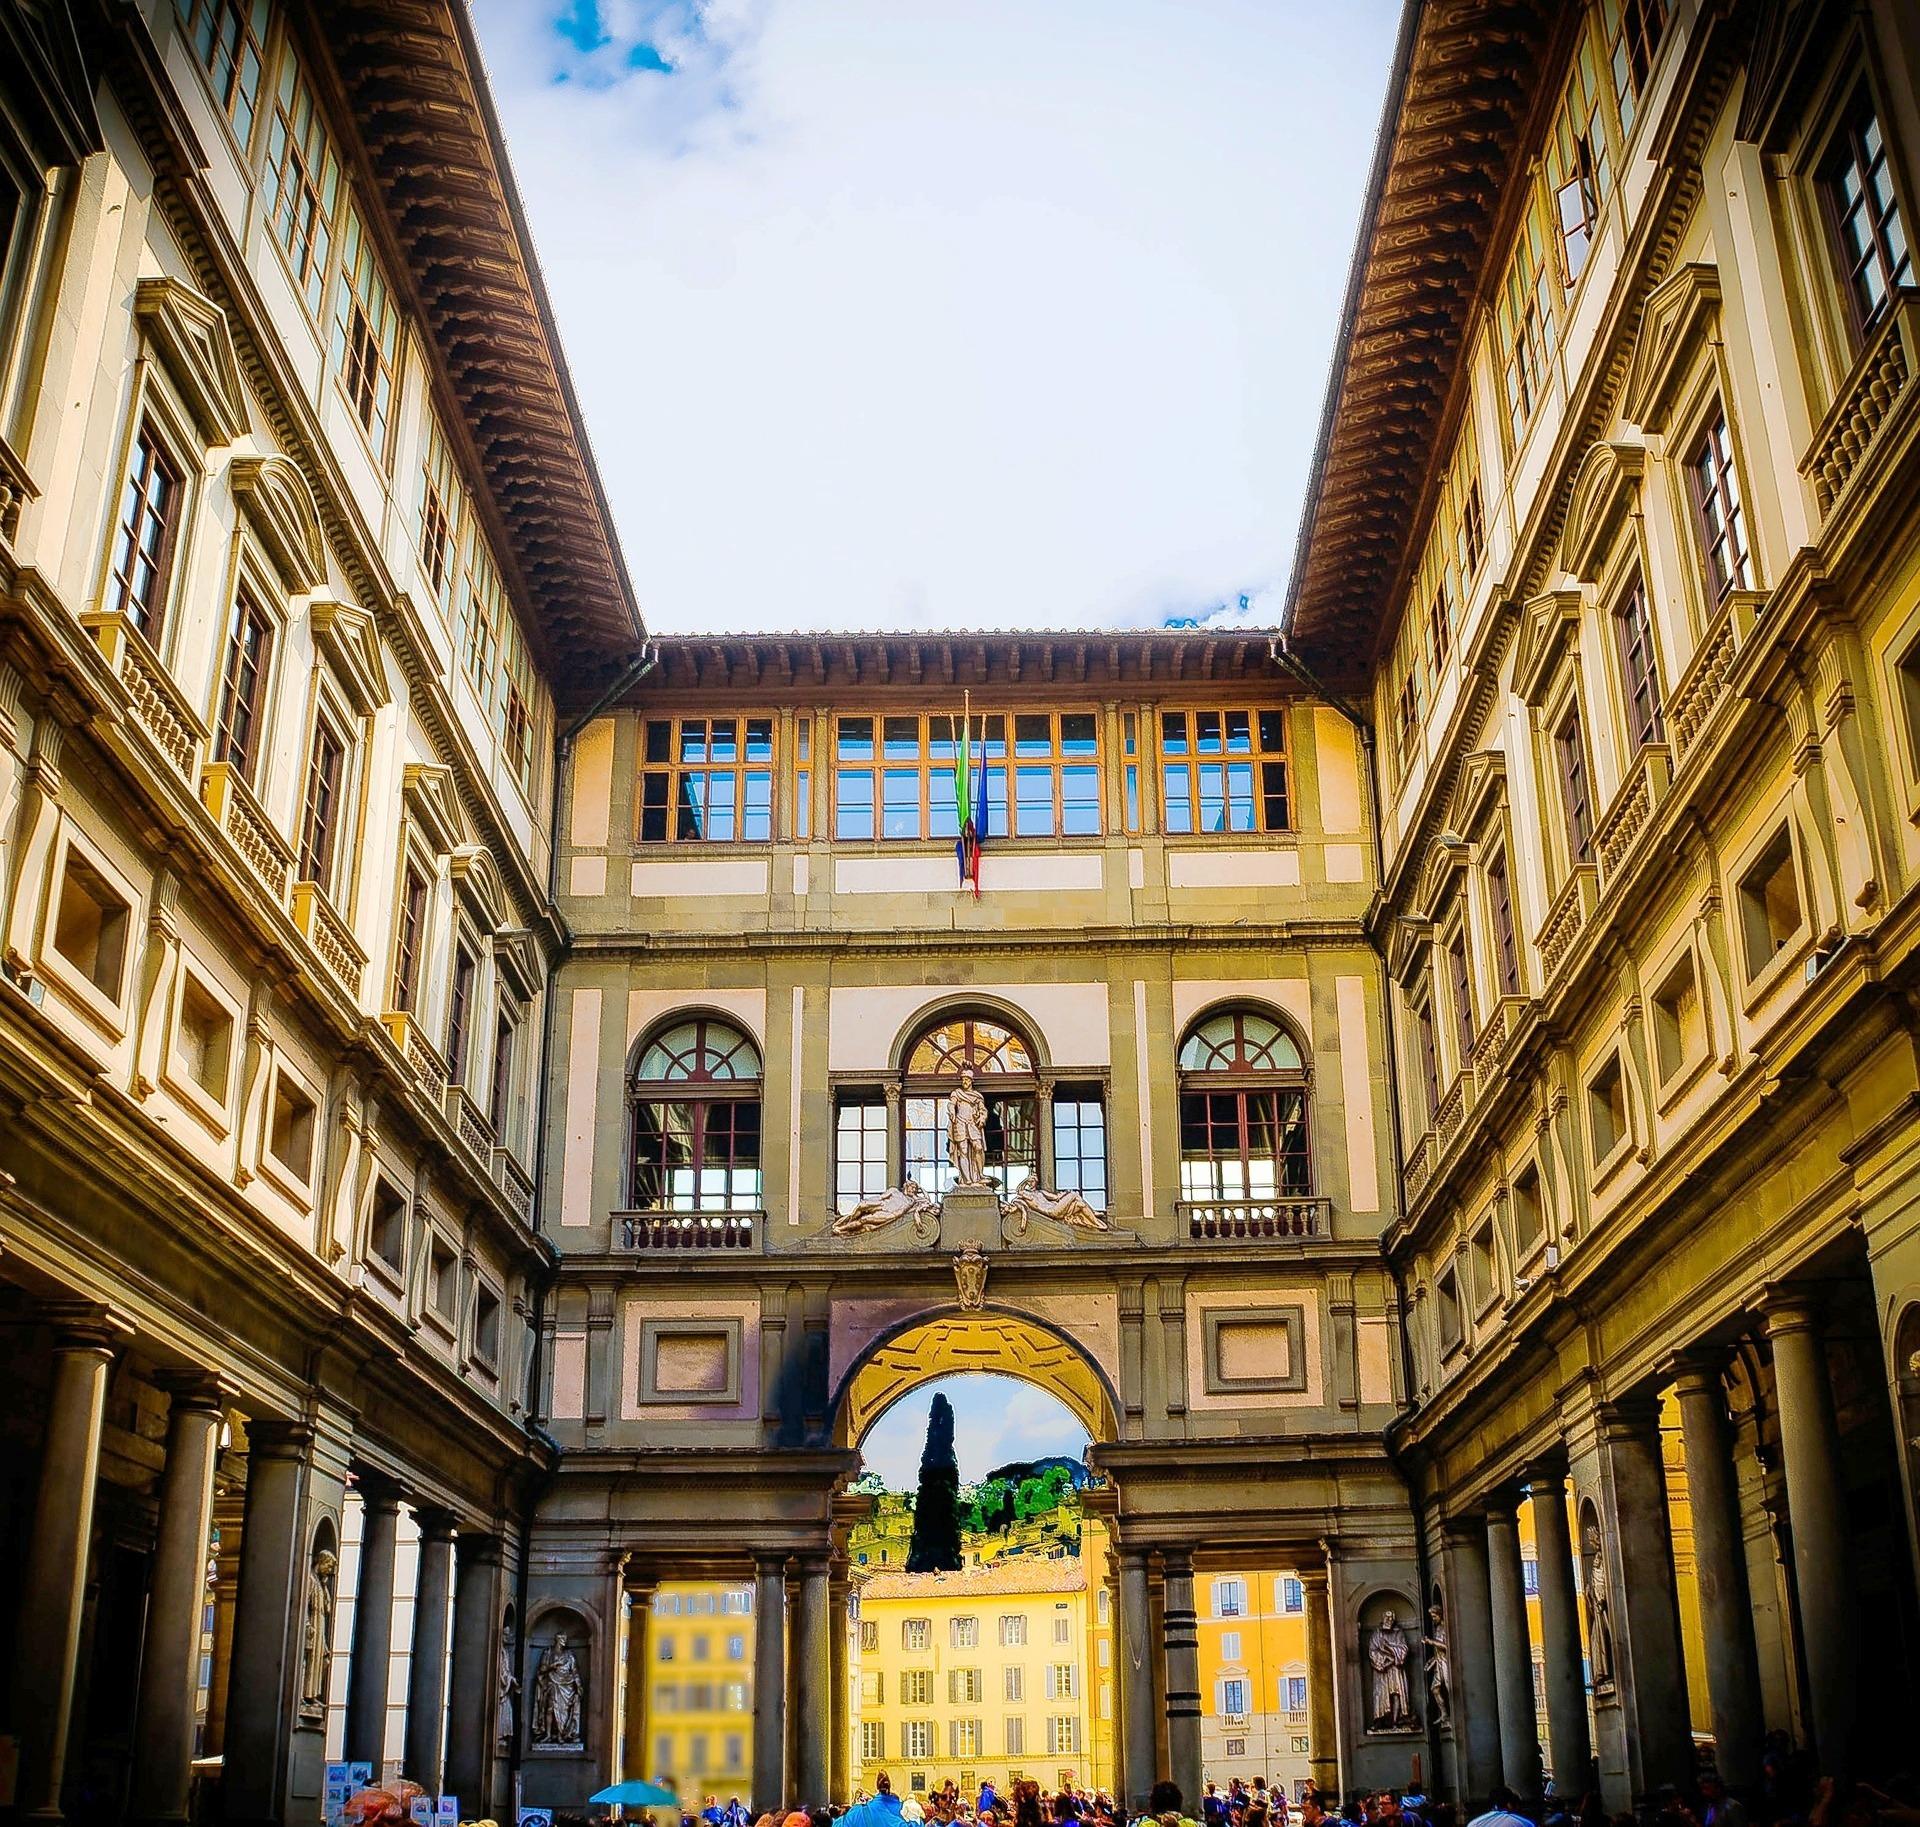 Uffizi Gallery.jpg